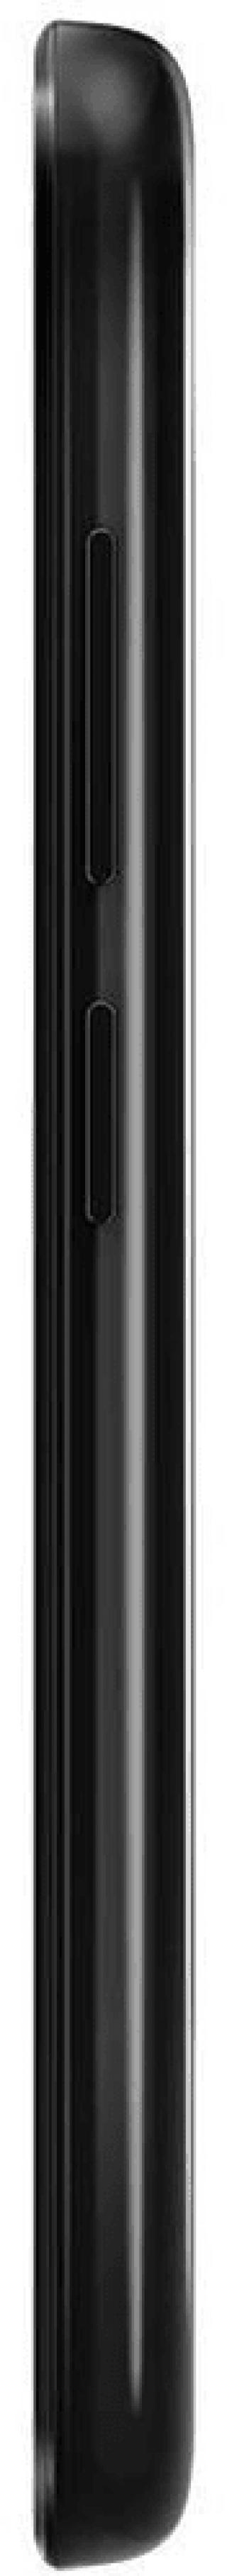 Nokia 2.2, 2GB/16GB, Black - zánovní